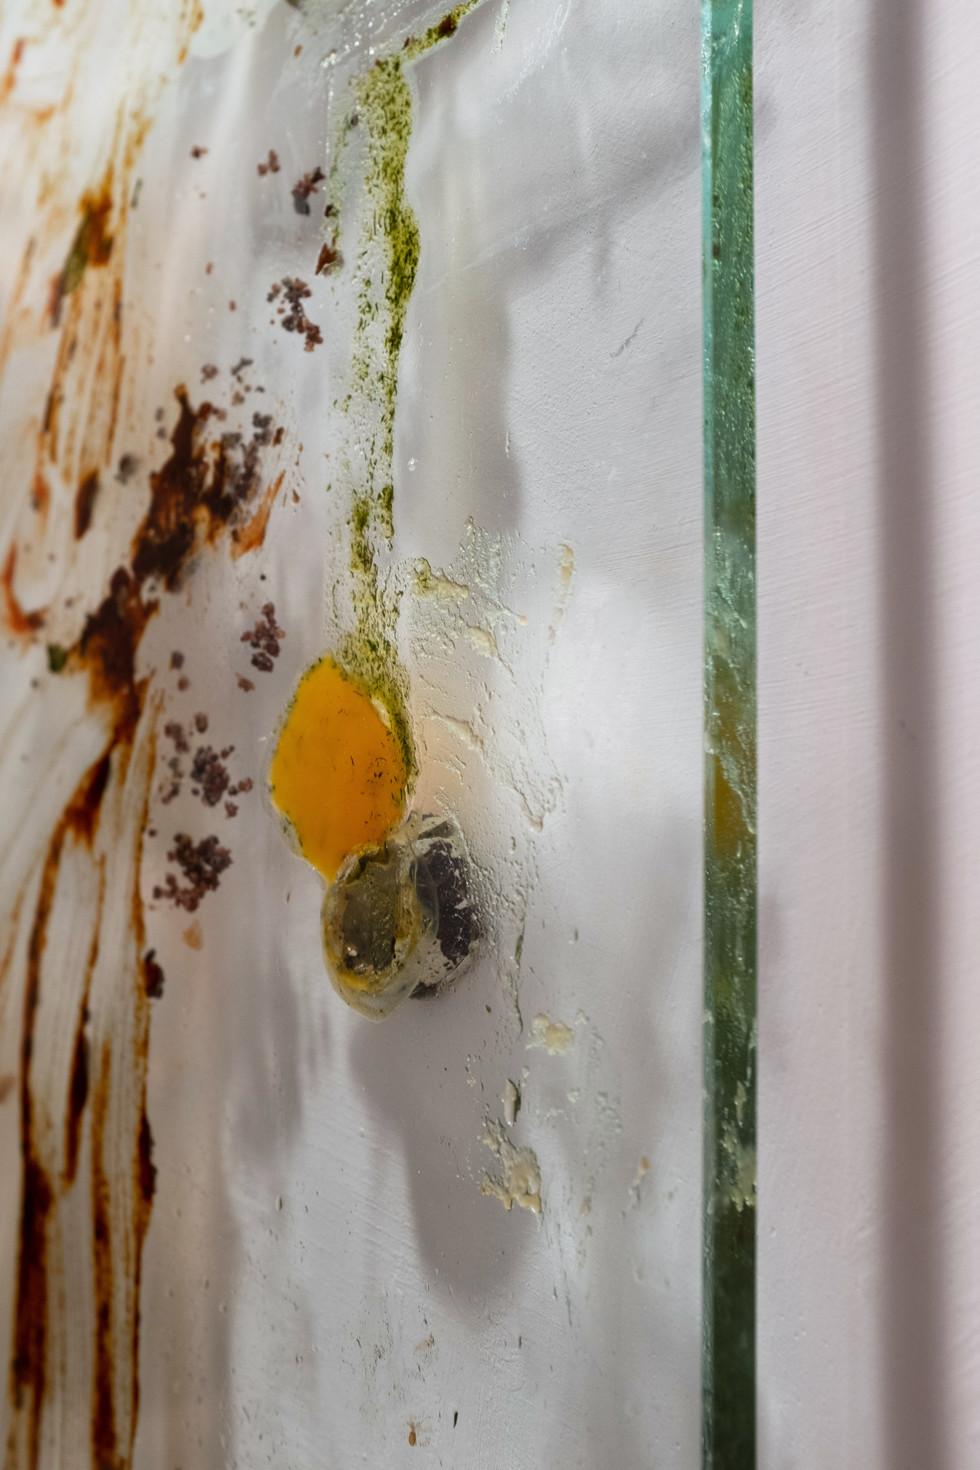 Jeschkelanger_Empty glass_05_